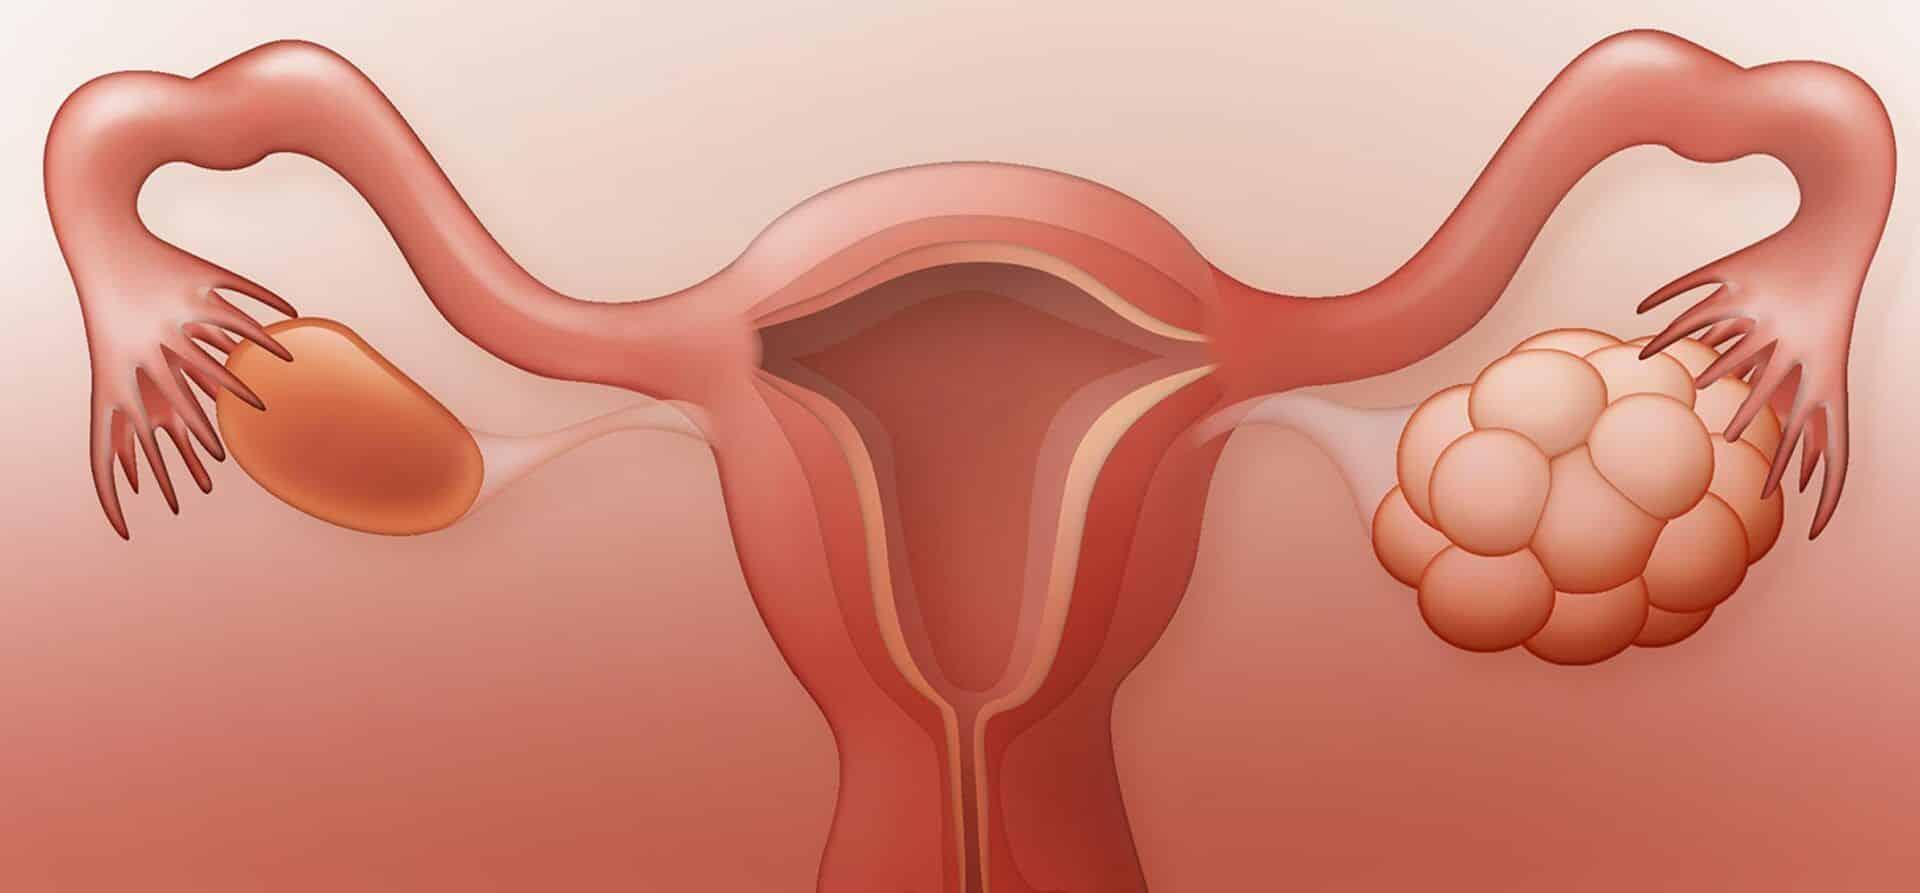 Dor na ovulação, o que é? Sintomas, possíveis causas e tratamento